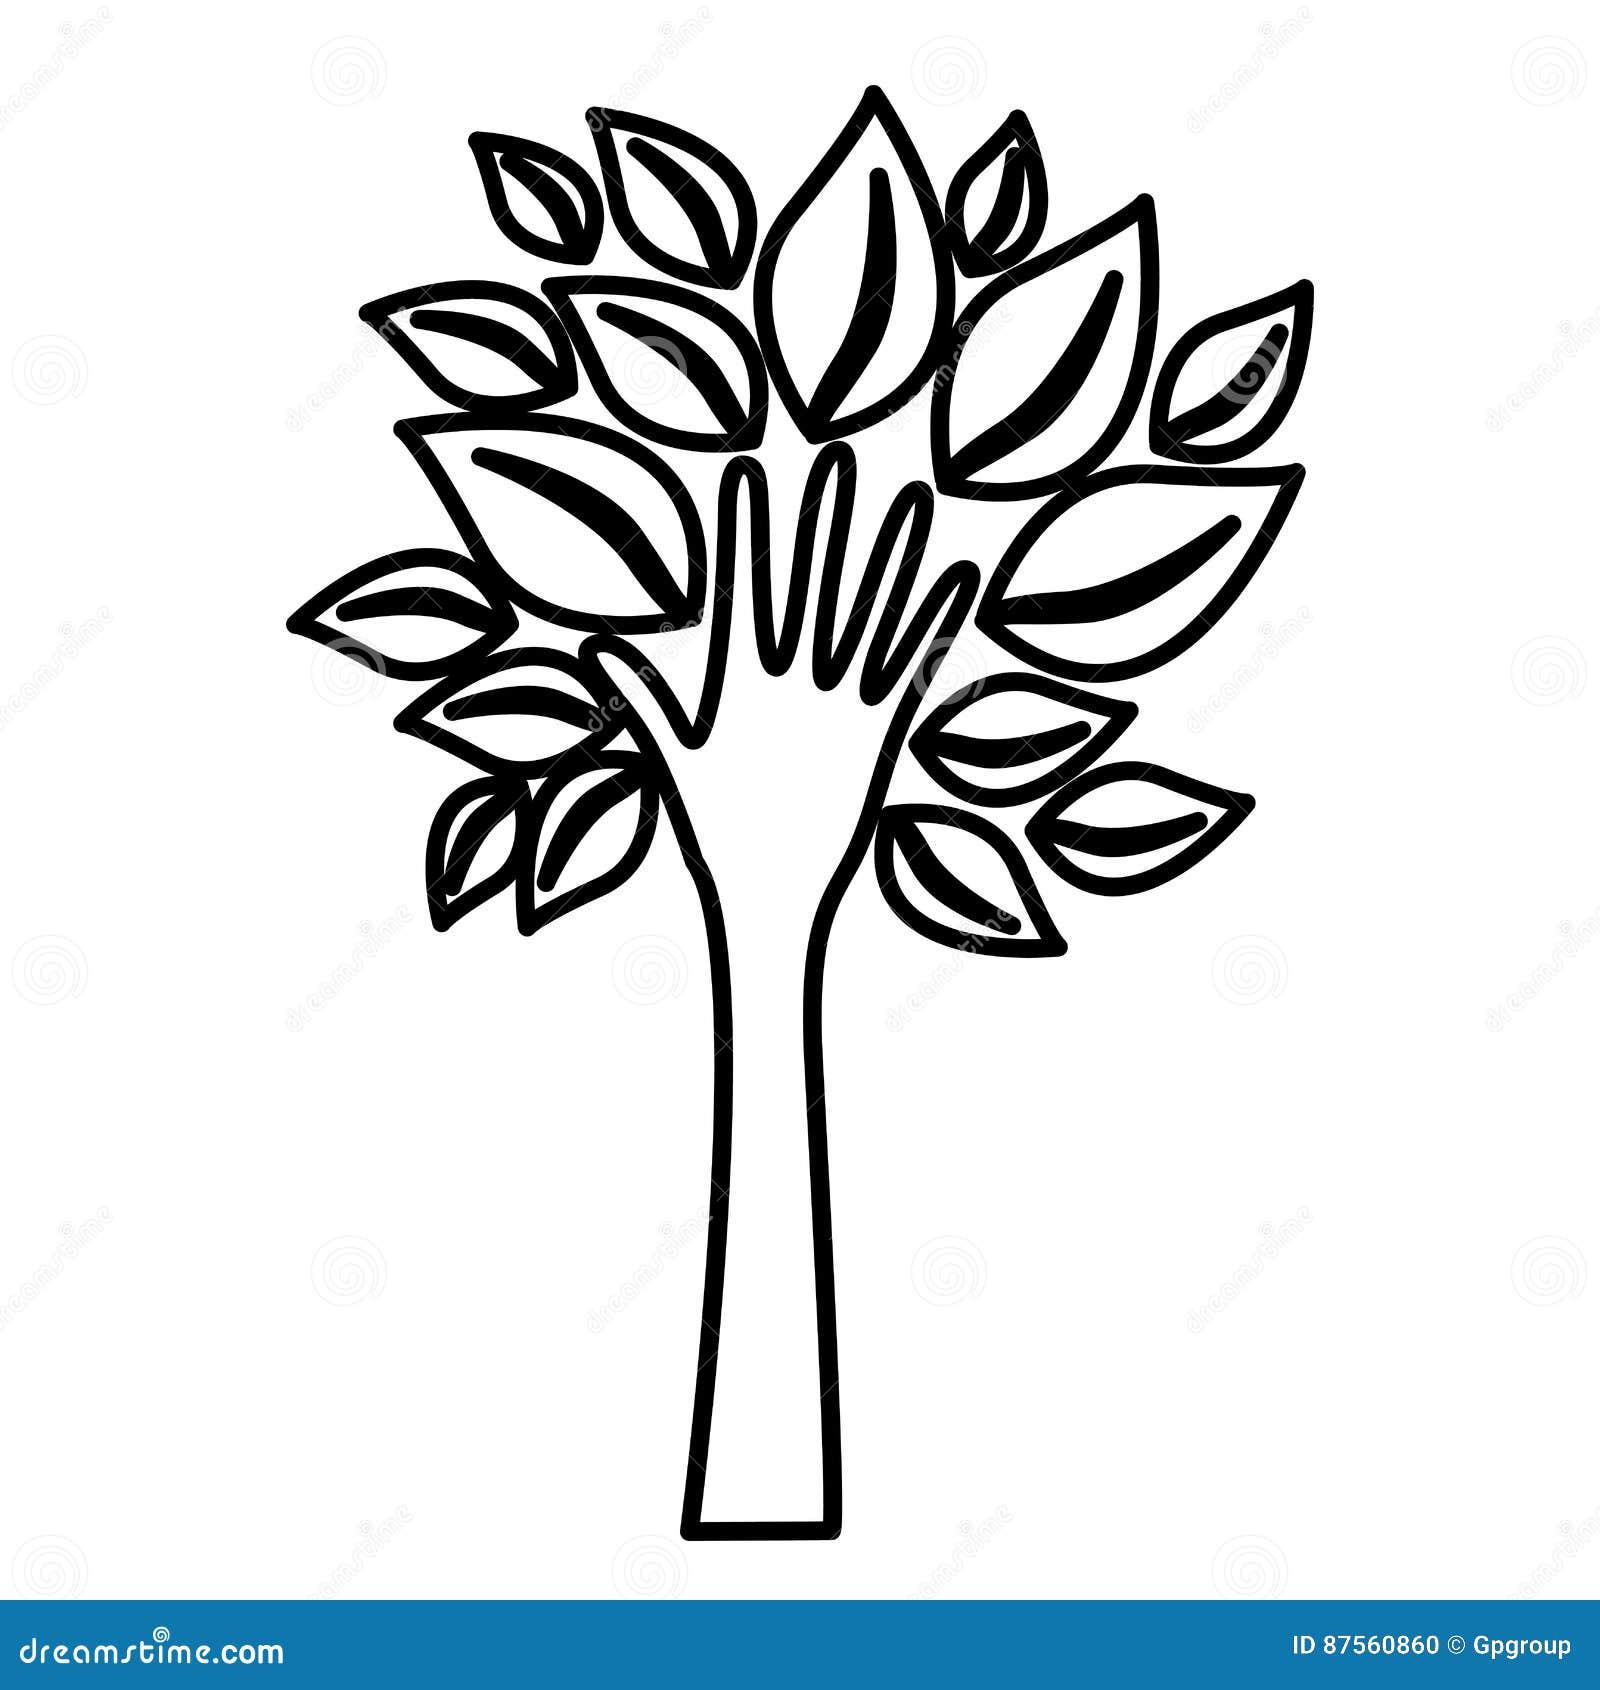 δέντρο αριθμού με τα φύλλα και μίσχος στο χέρι μορφής